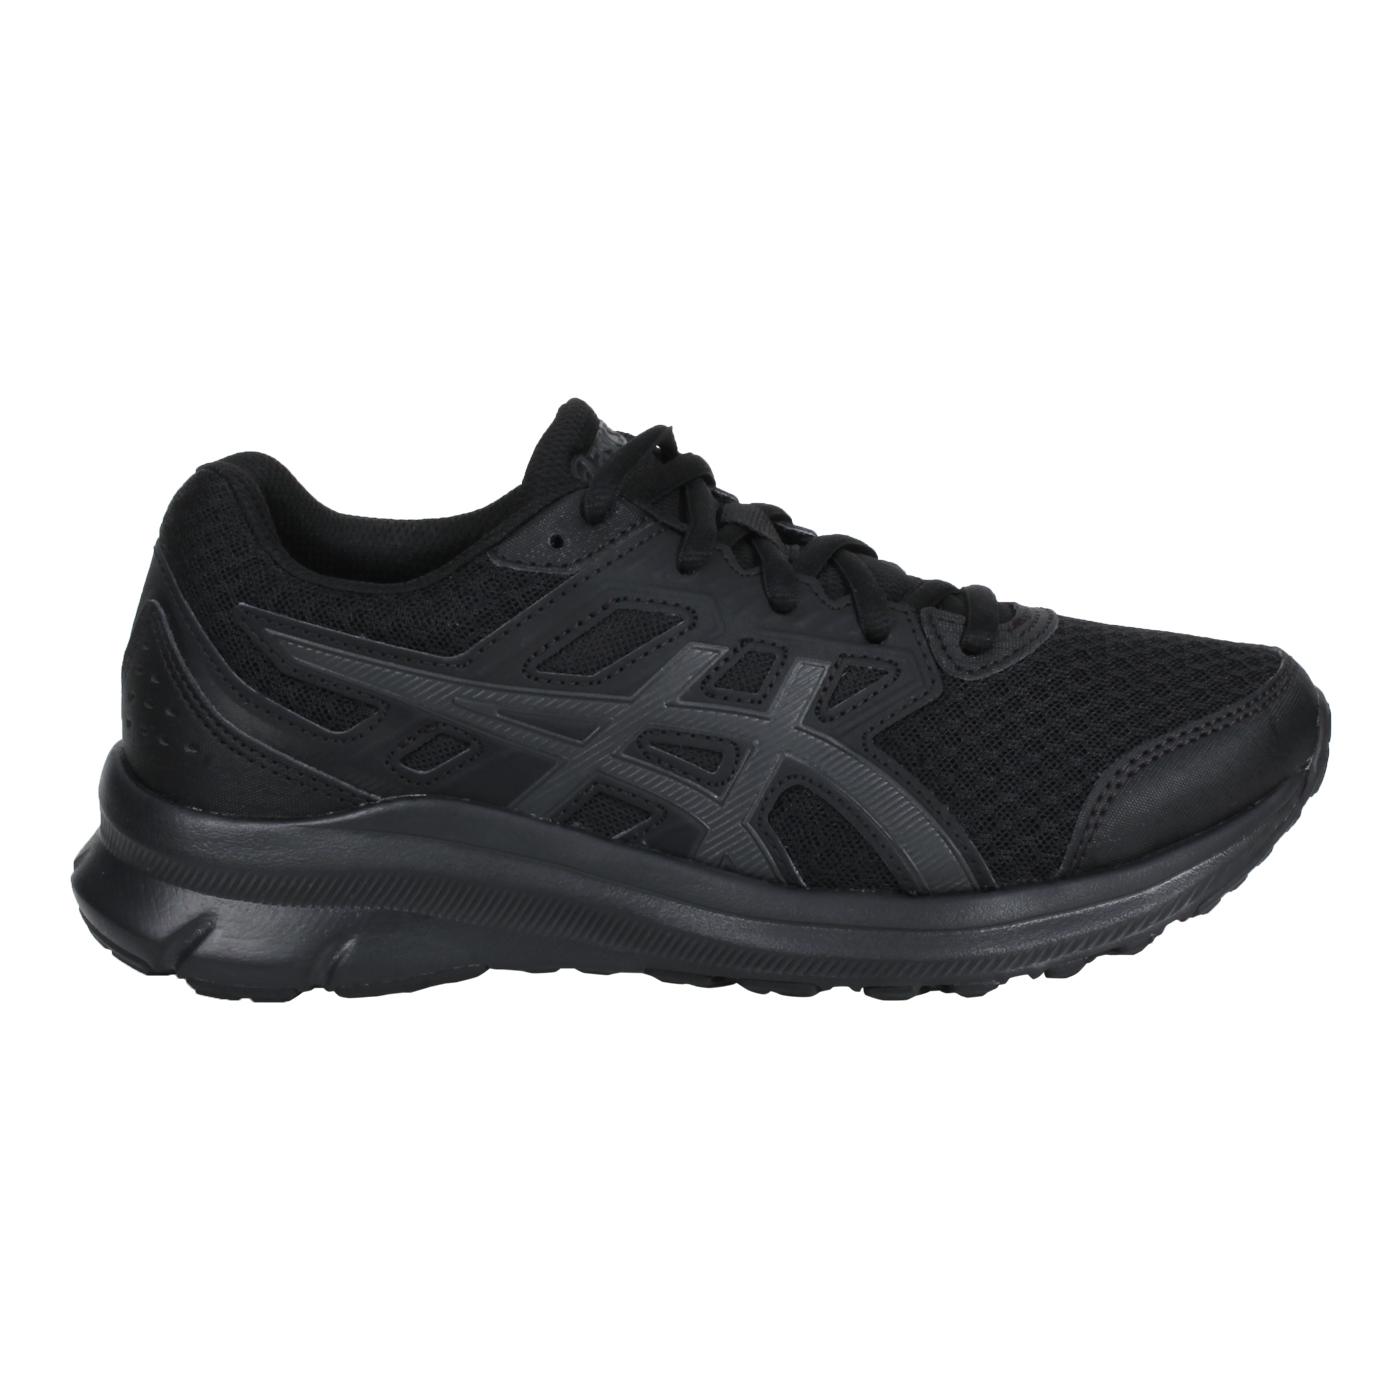 ASICS 女款慢跑鞋-WIDE  @JOLT 3@1012A909-002 - 黑